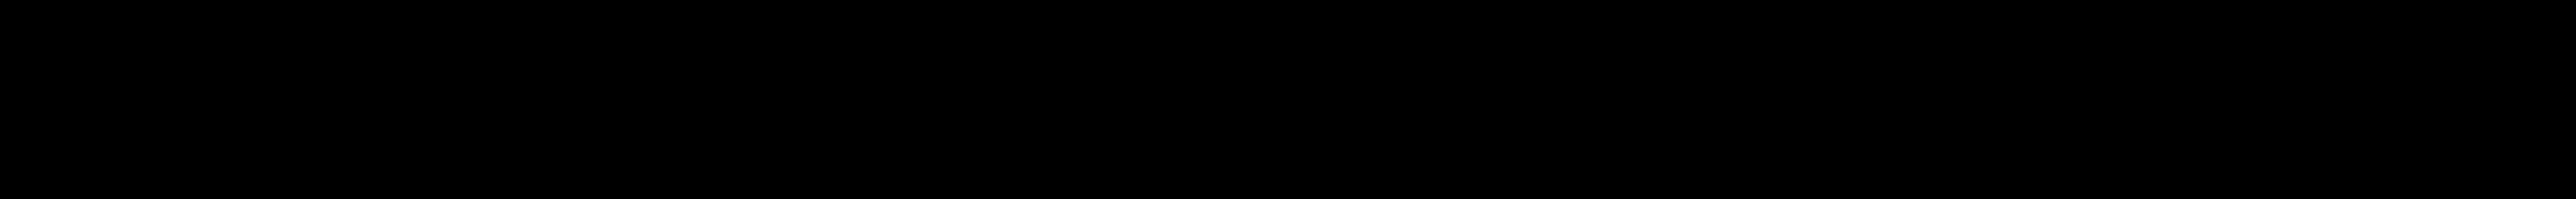 TYPESETCOMPANY